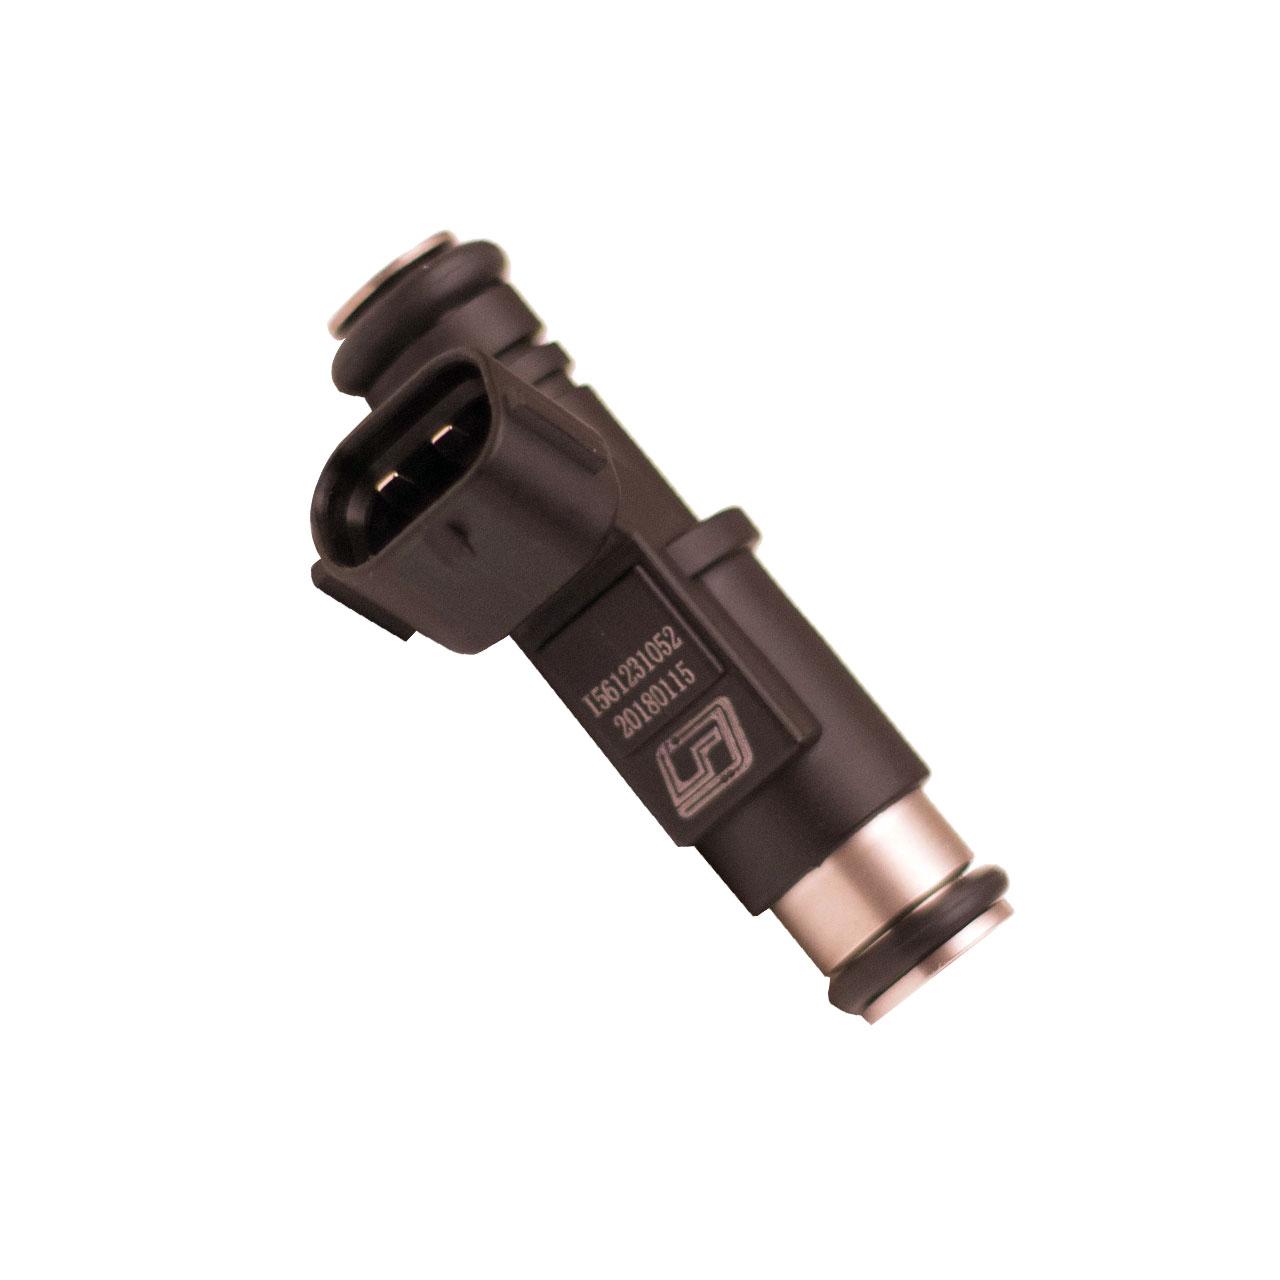 انژکتور  اتو داینو DE I561231052 مناسب برای خودرو پراید ساژم با موتورX100